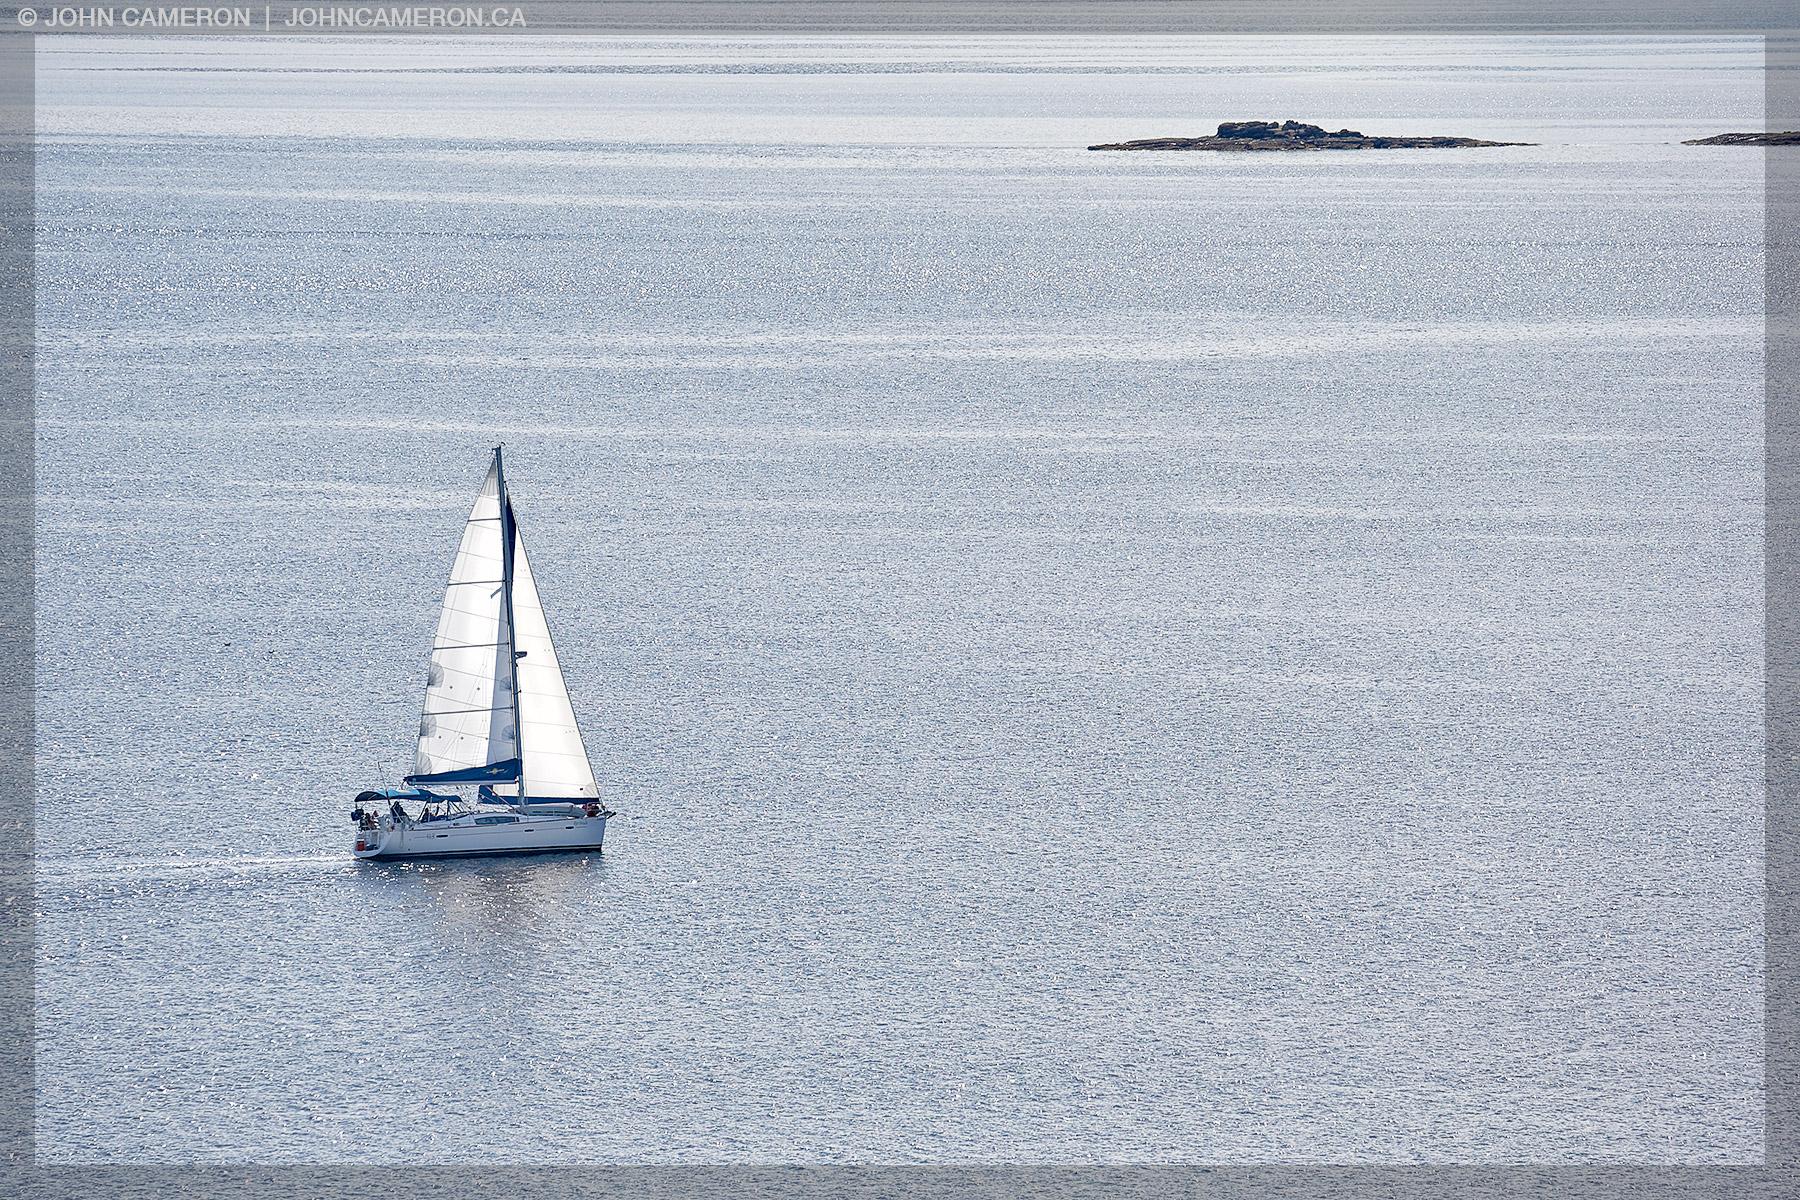 Sailing off Salt Spring Island